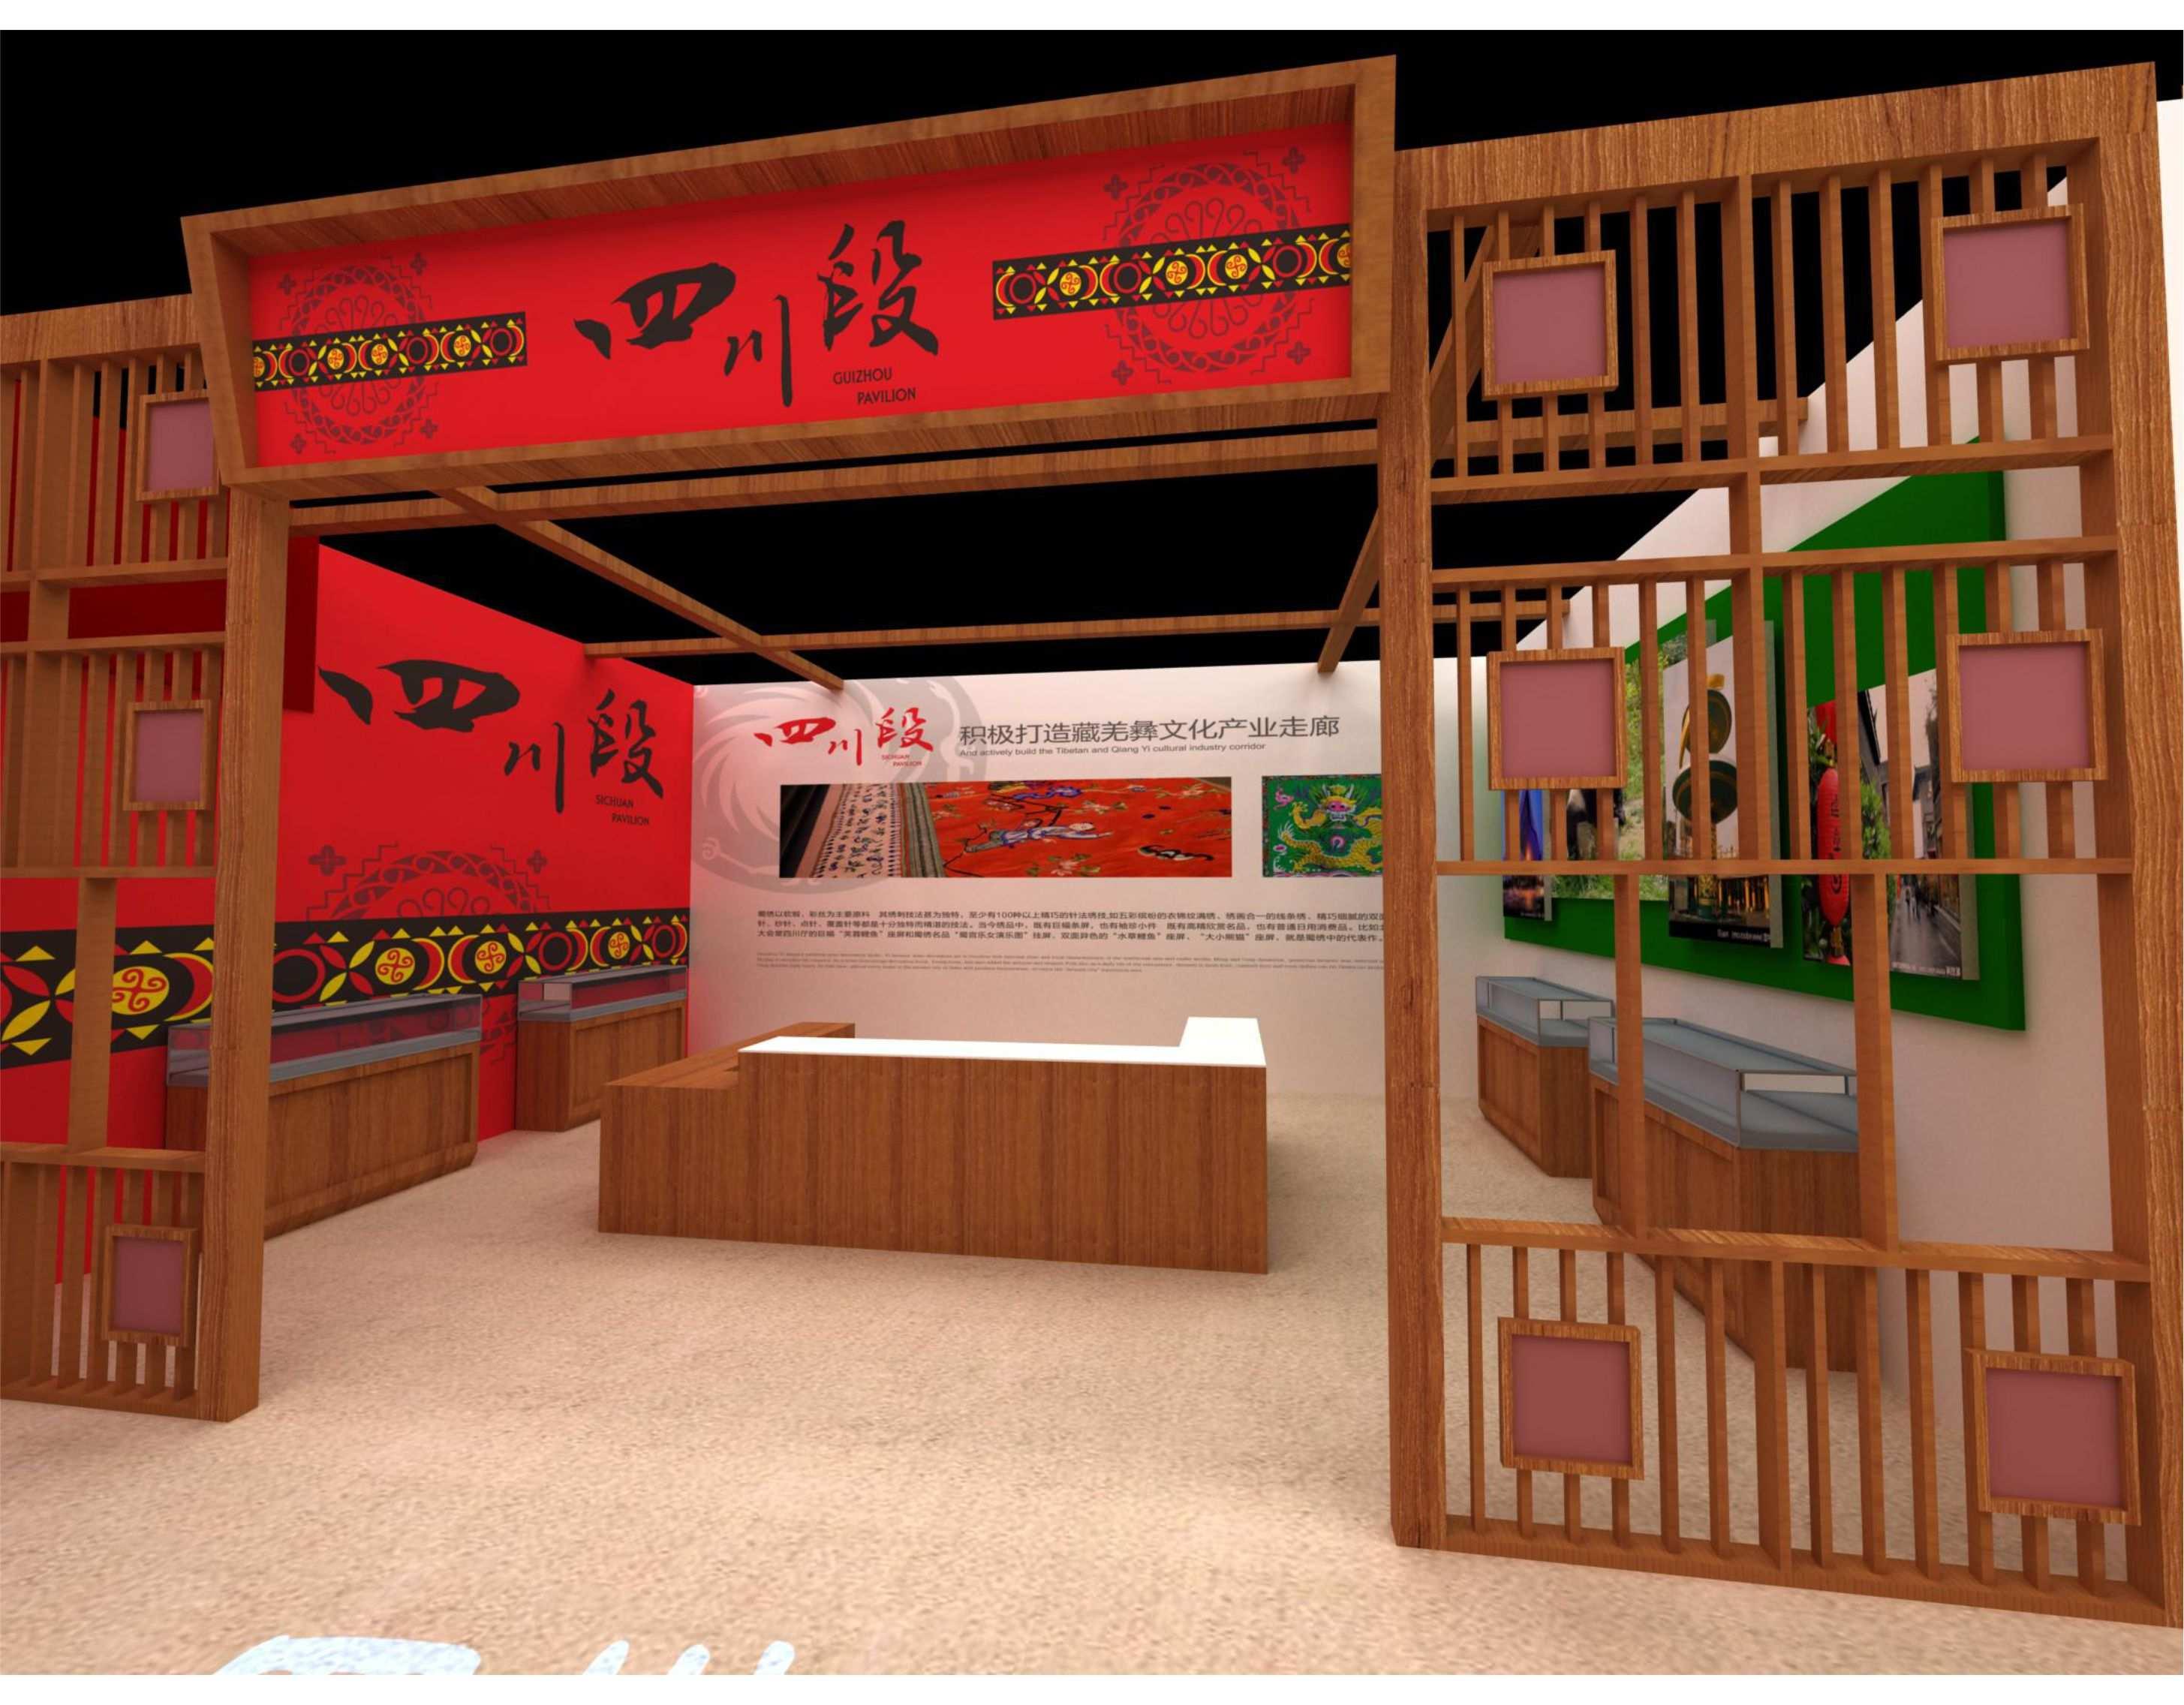 第六届中国成都国际非物质文化遗产节-藏羌彝�嫖幕�产业走廊策划